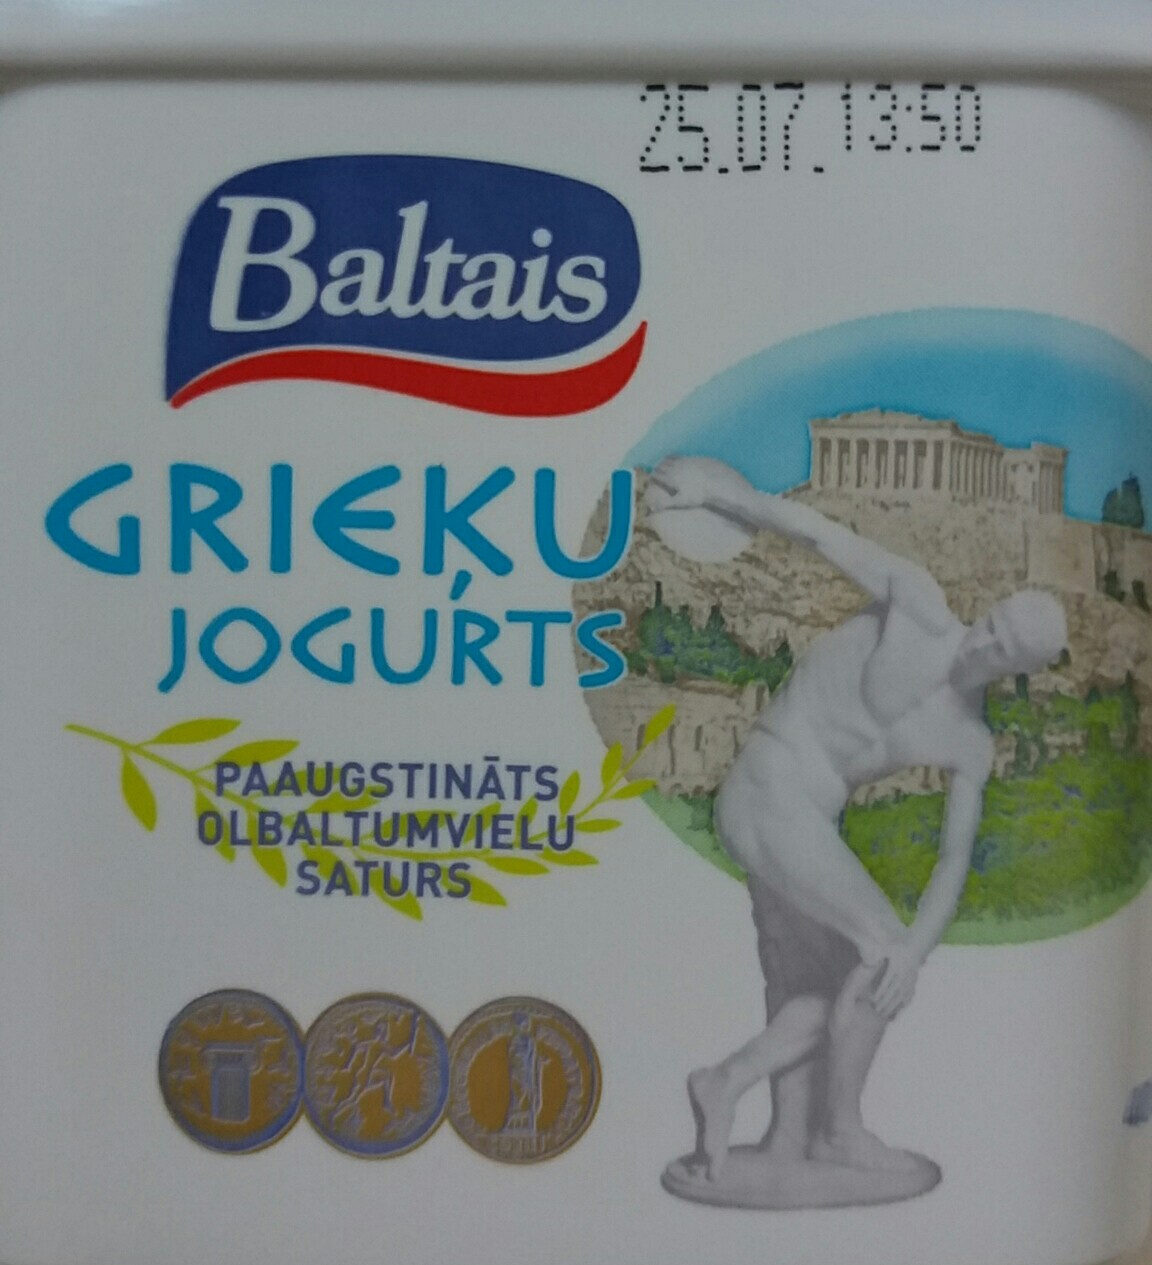 Grieķu jogurts - Prodotto - lv